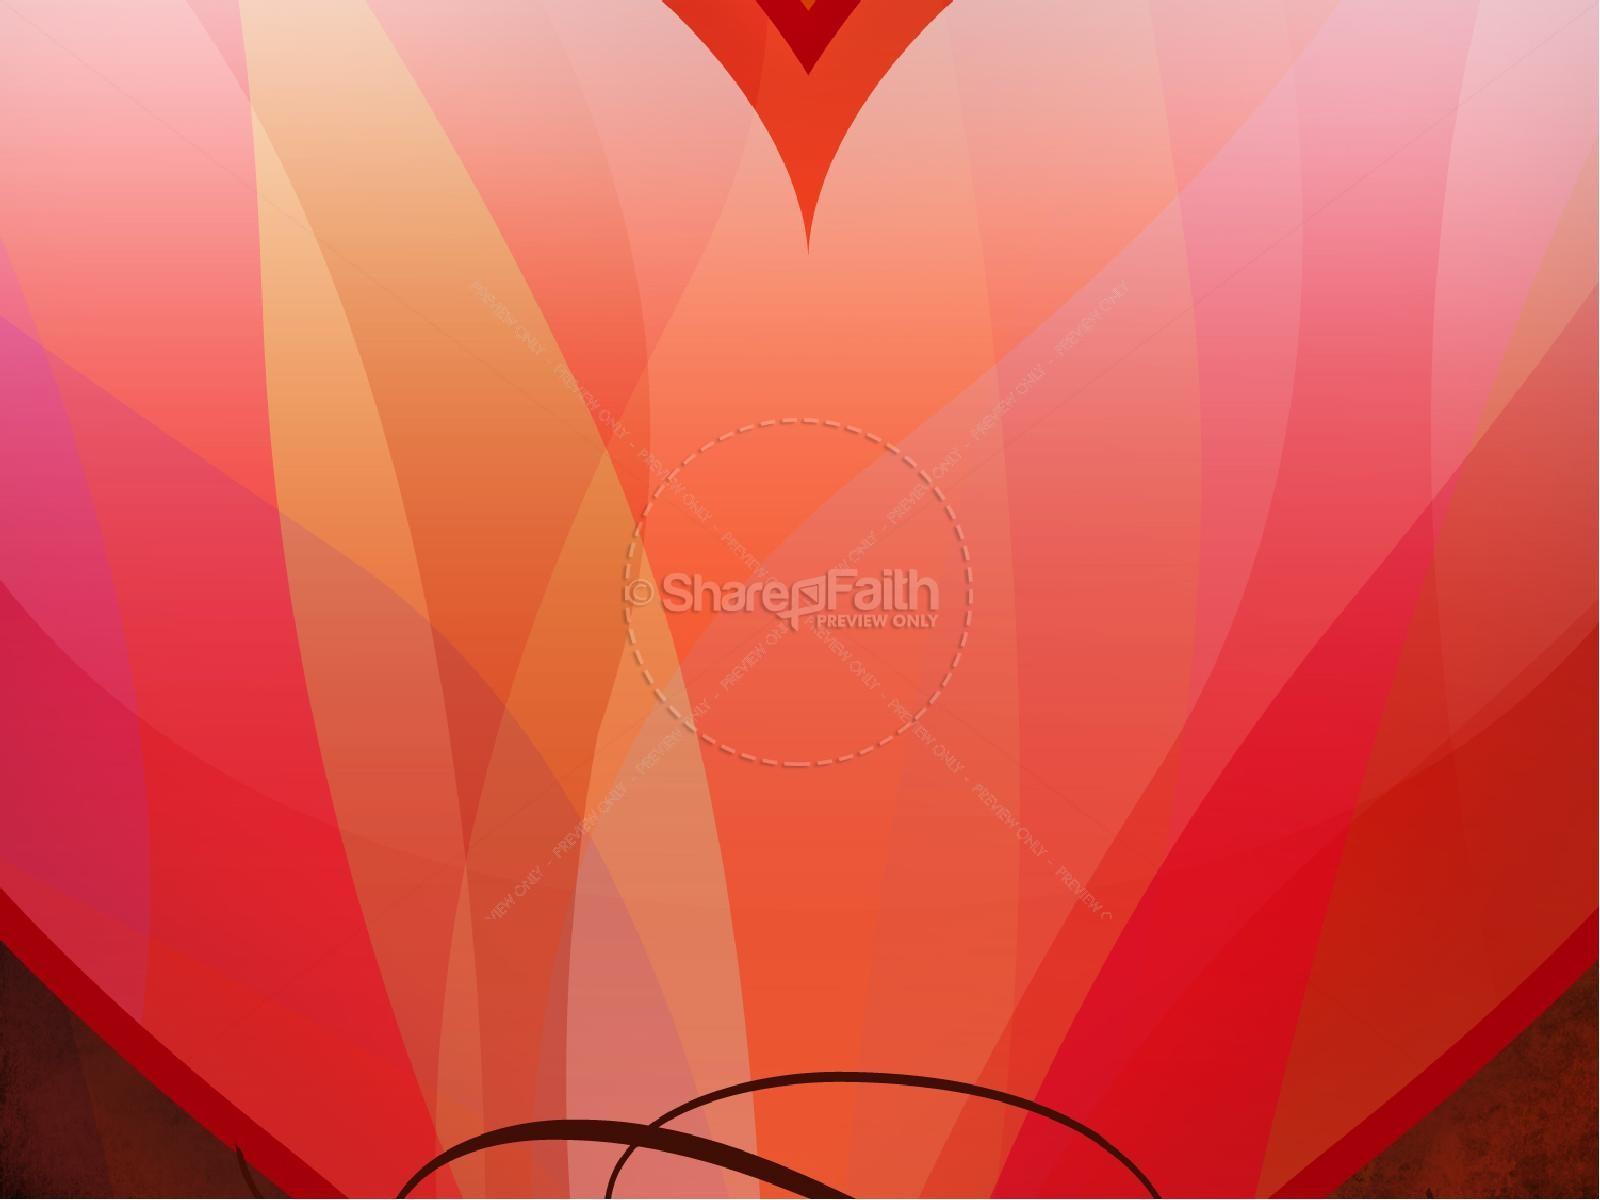 Cubierto en Amor PowerPoint | slide 7